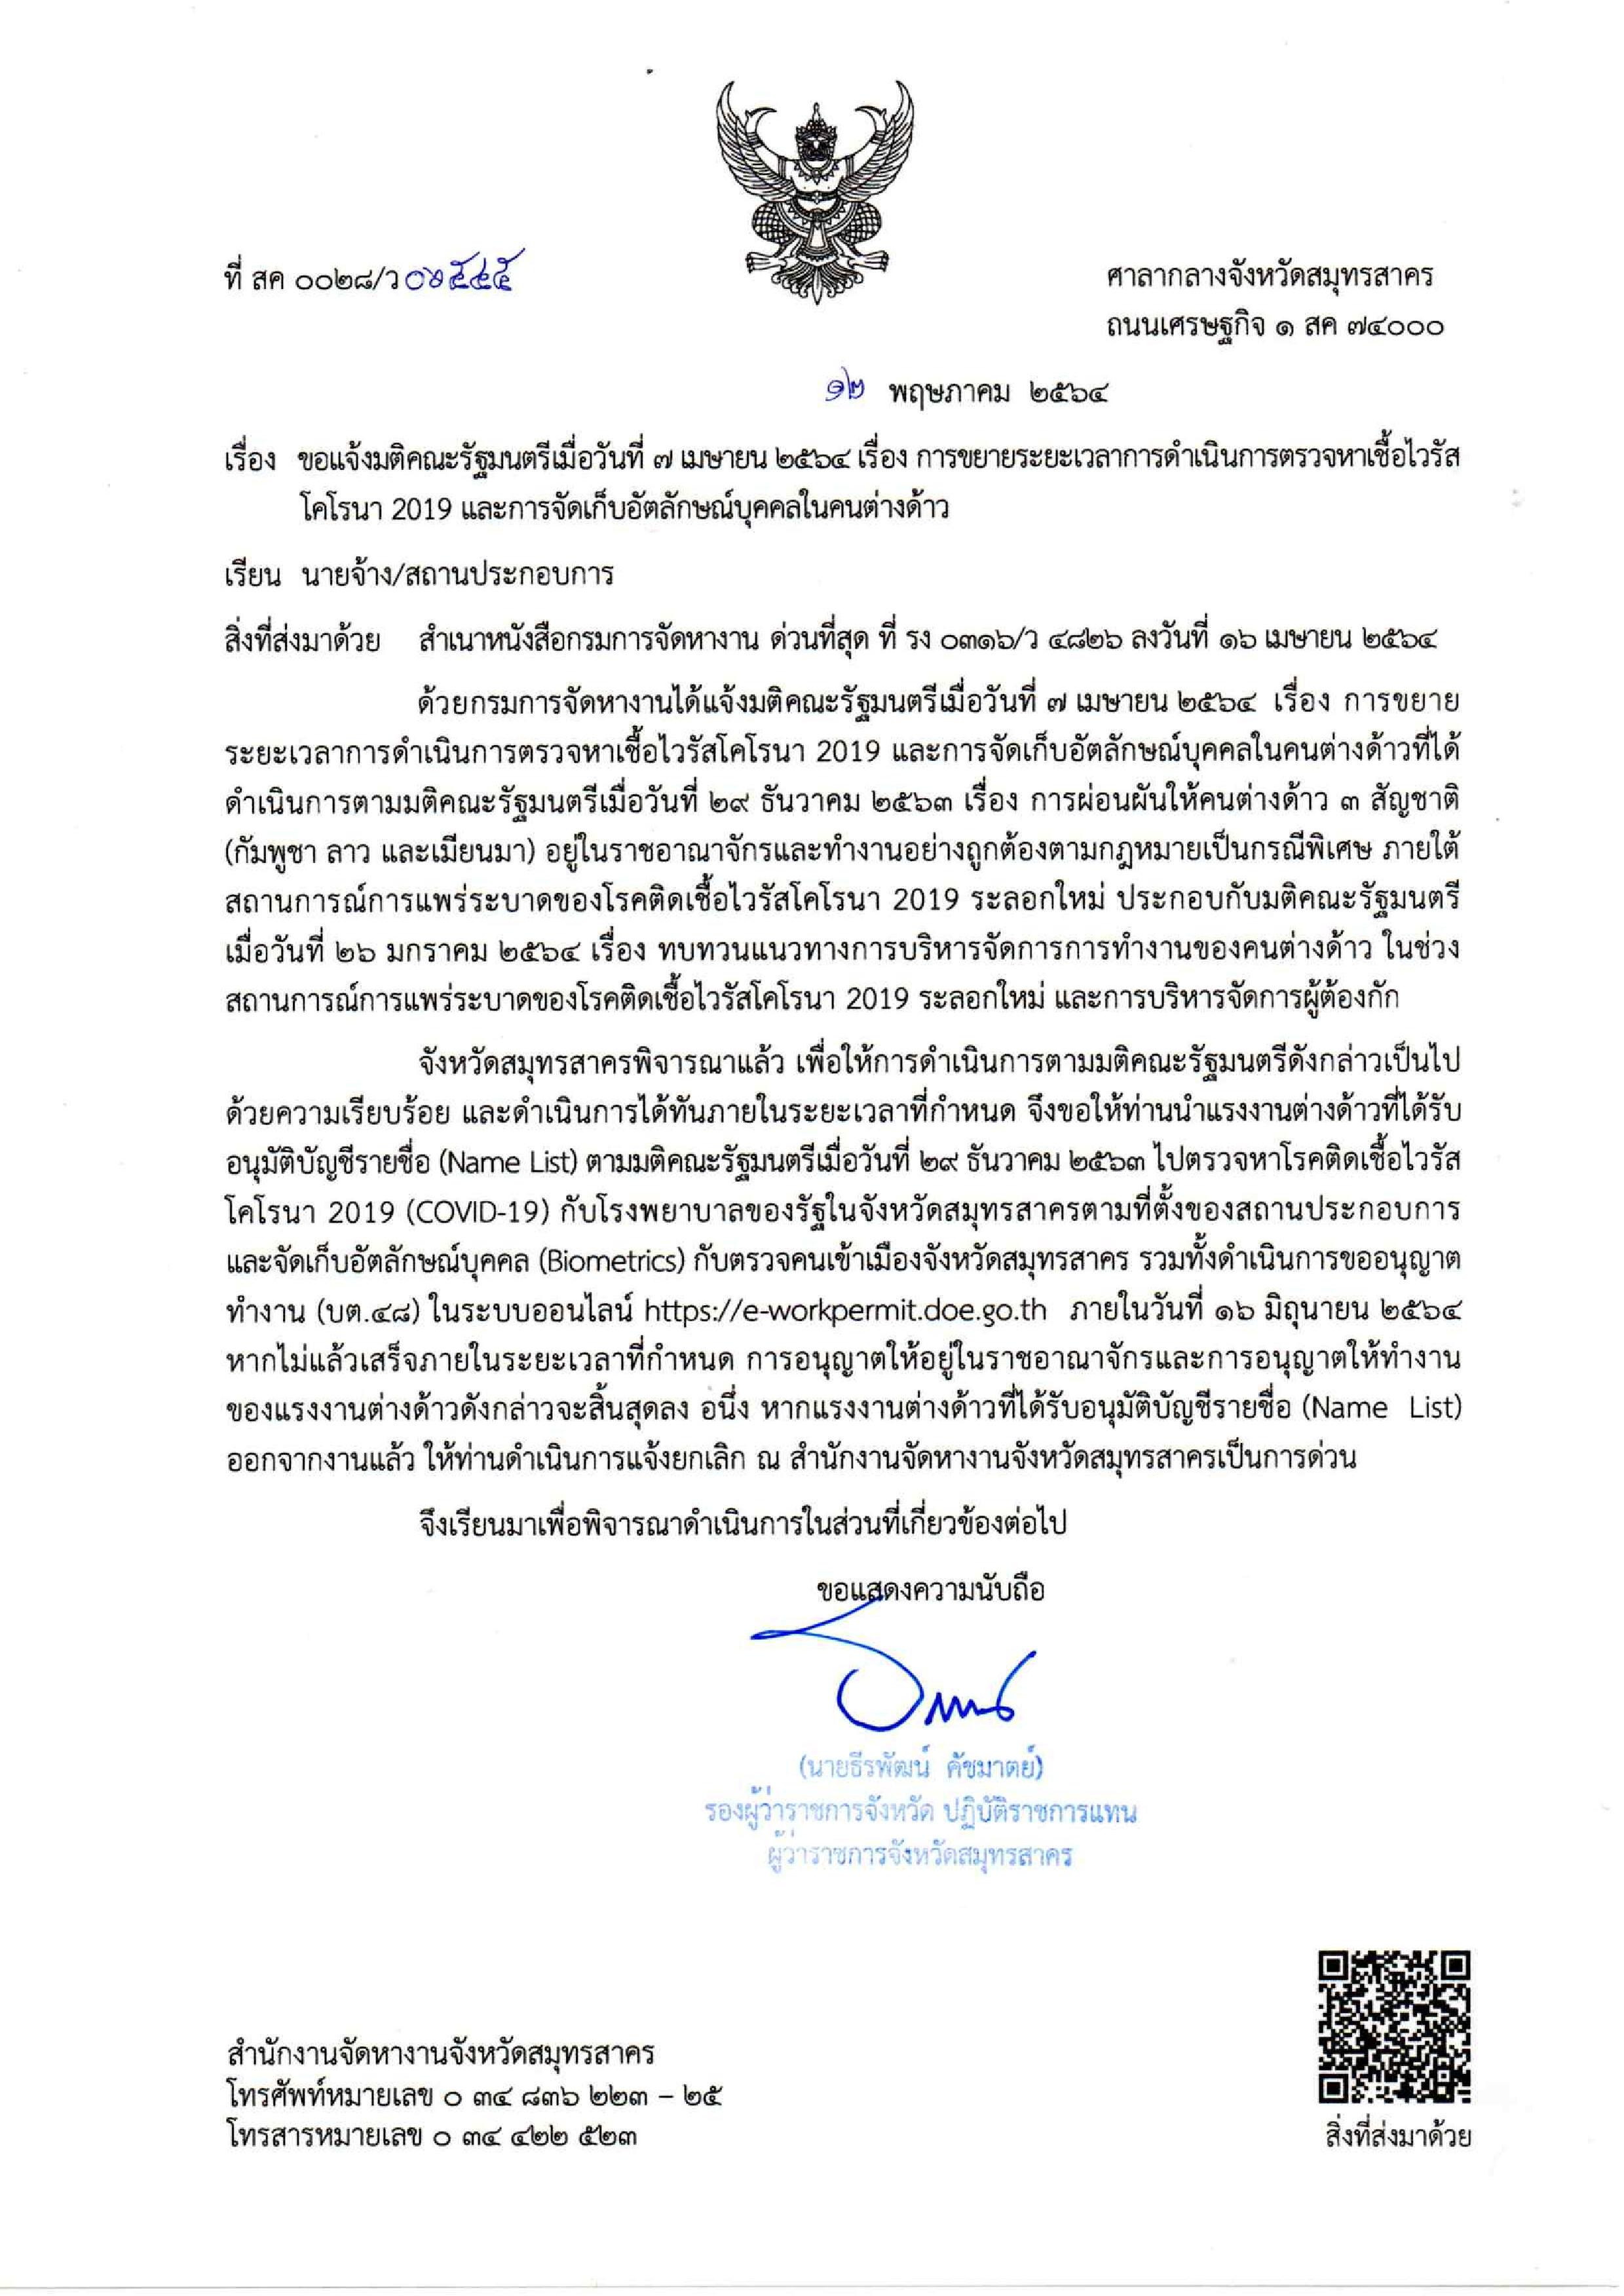 แจ้งนายจ้าง/สถานประกอบการ ขอแจ้งมติคณะรัฐมนตรีเมื่อวันที่ ๗ เมษายน ๒๕๖๔